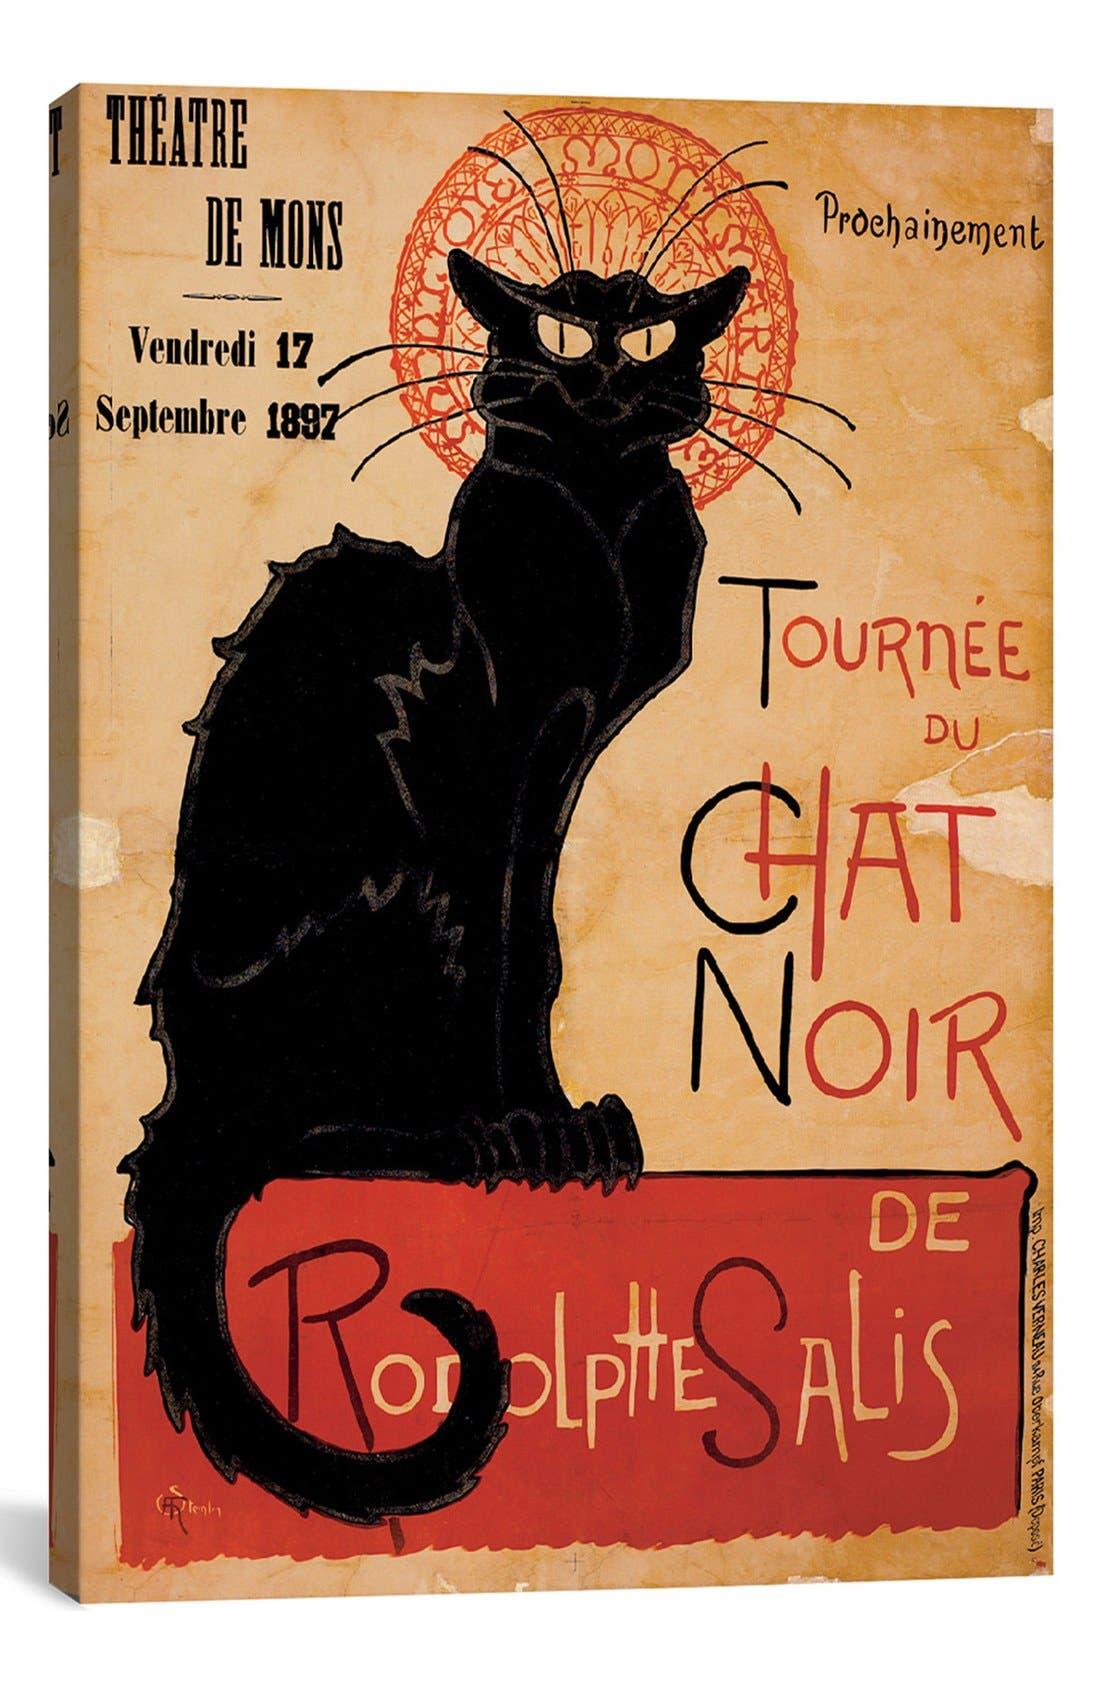 ICANVAS 'Tournée du Chat Noir' Giclée Print Canvas